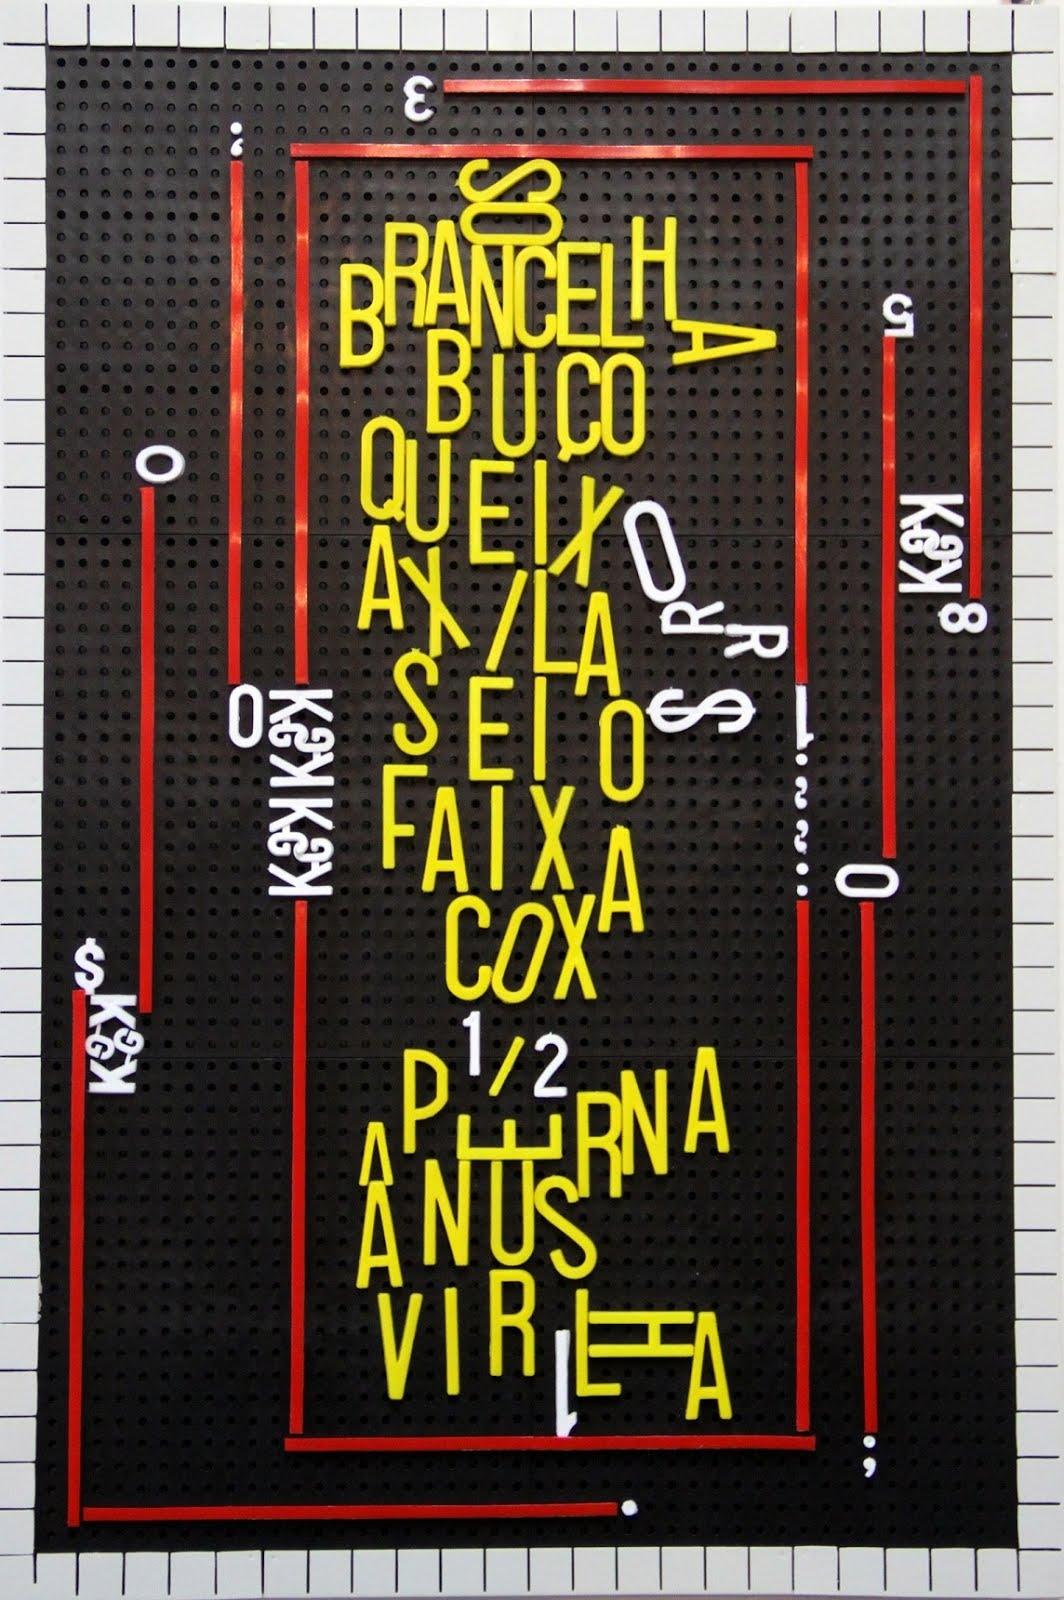 DEPILAÇÃO 2011